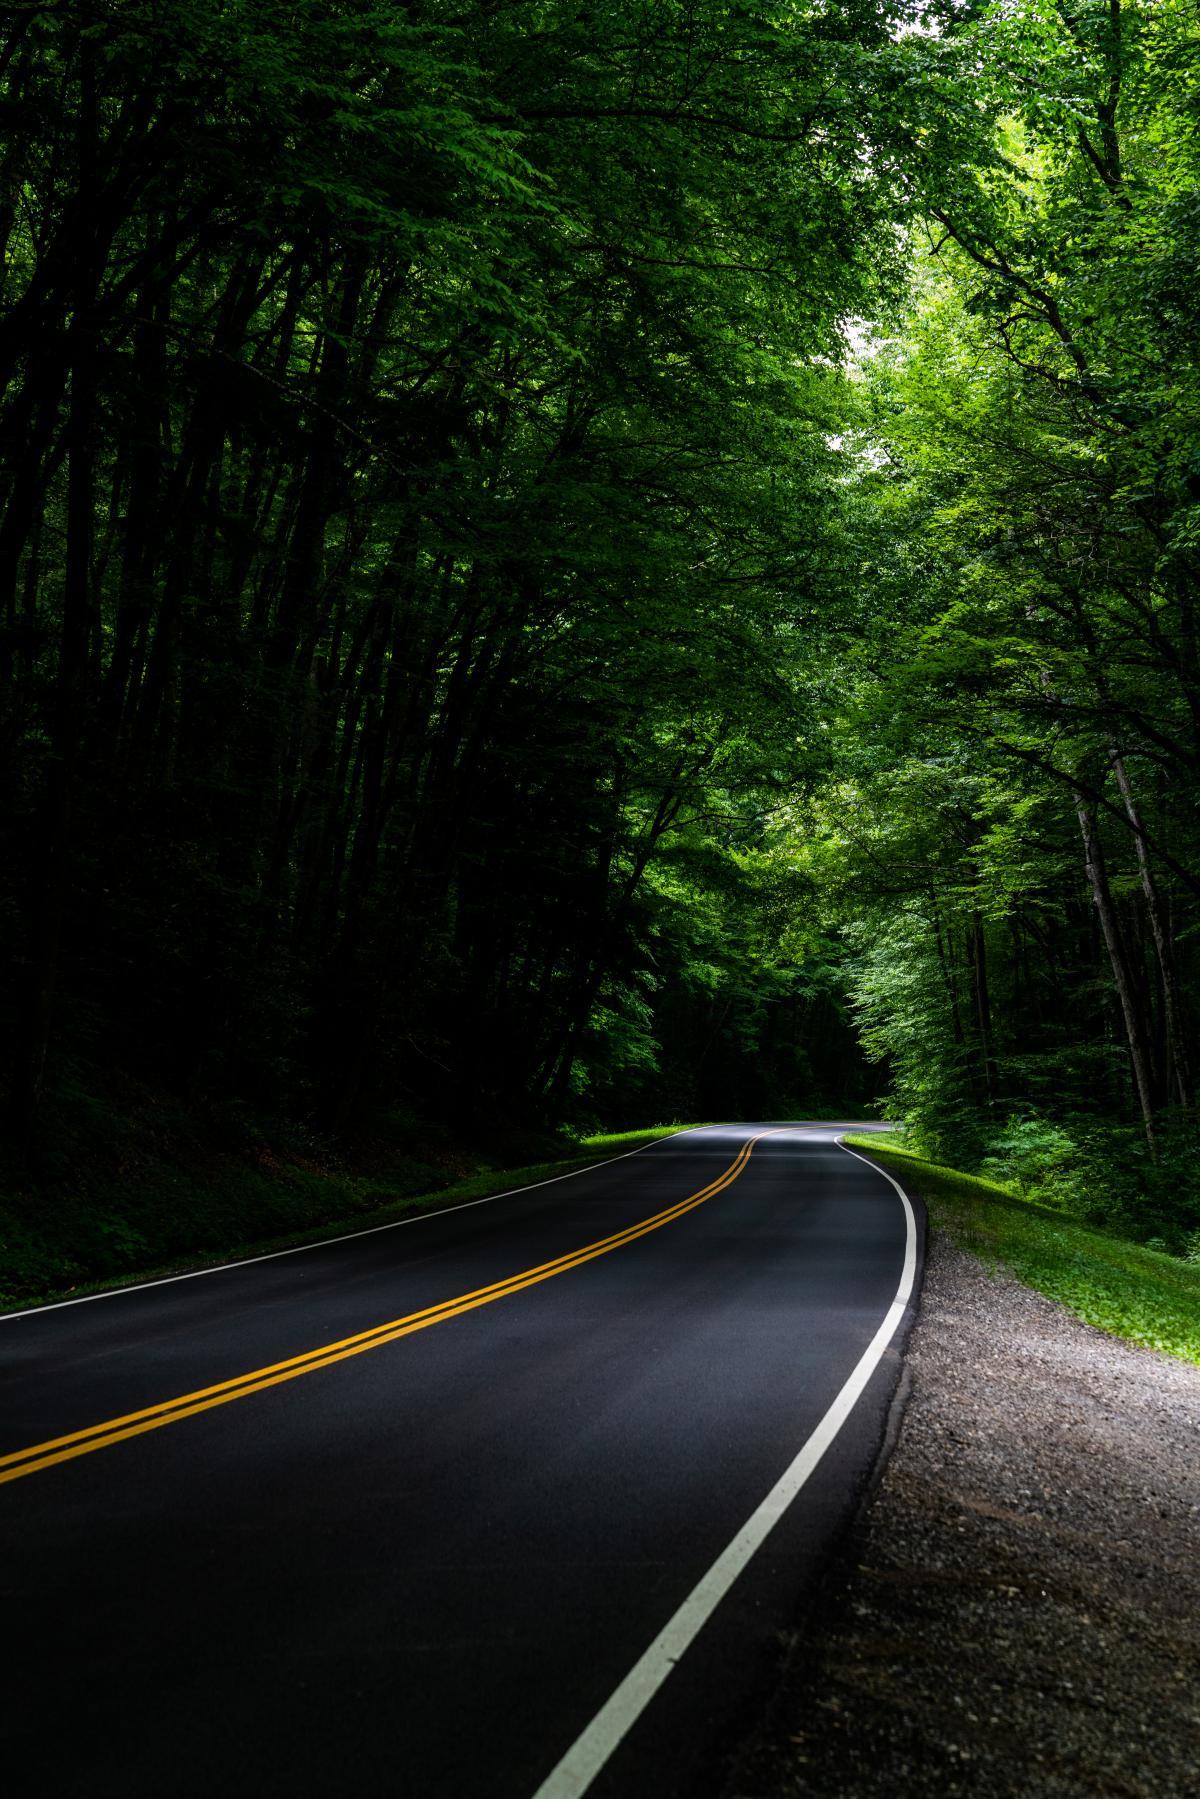 Road Bend Asphalt